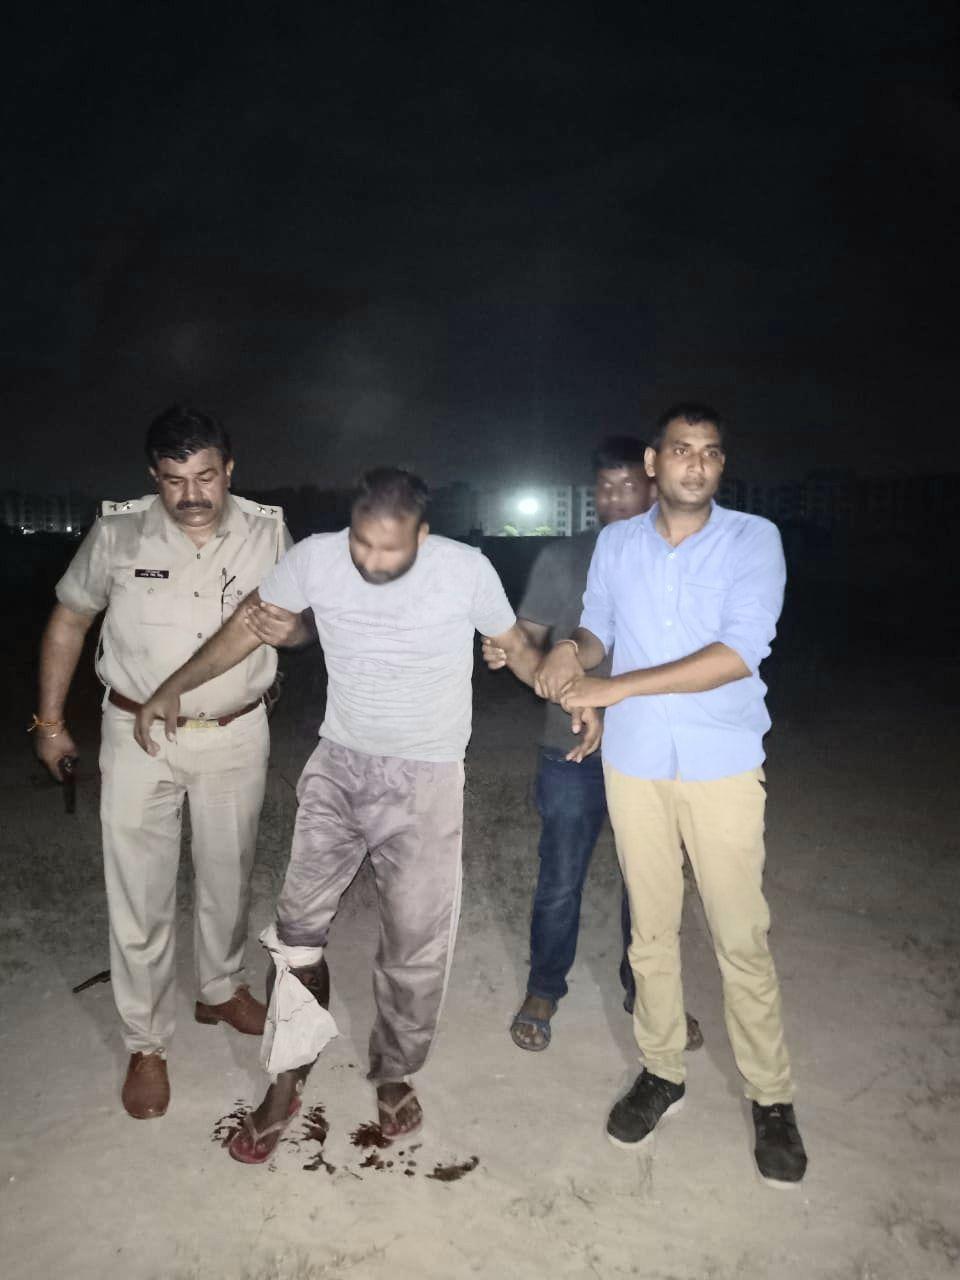 गाजियाबाद में पुलिस से मुठभेड़, पच्चीस हजार का इनामिया बदमाश घायल